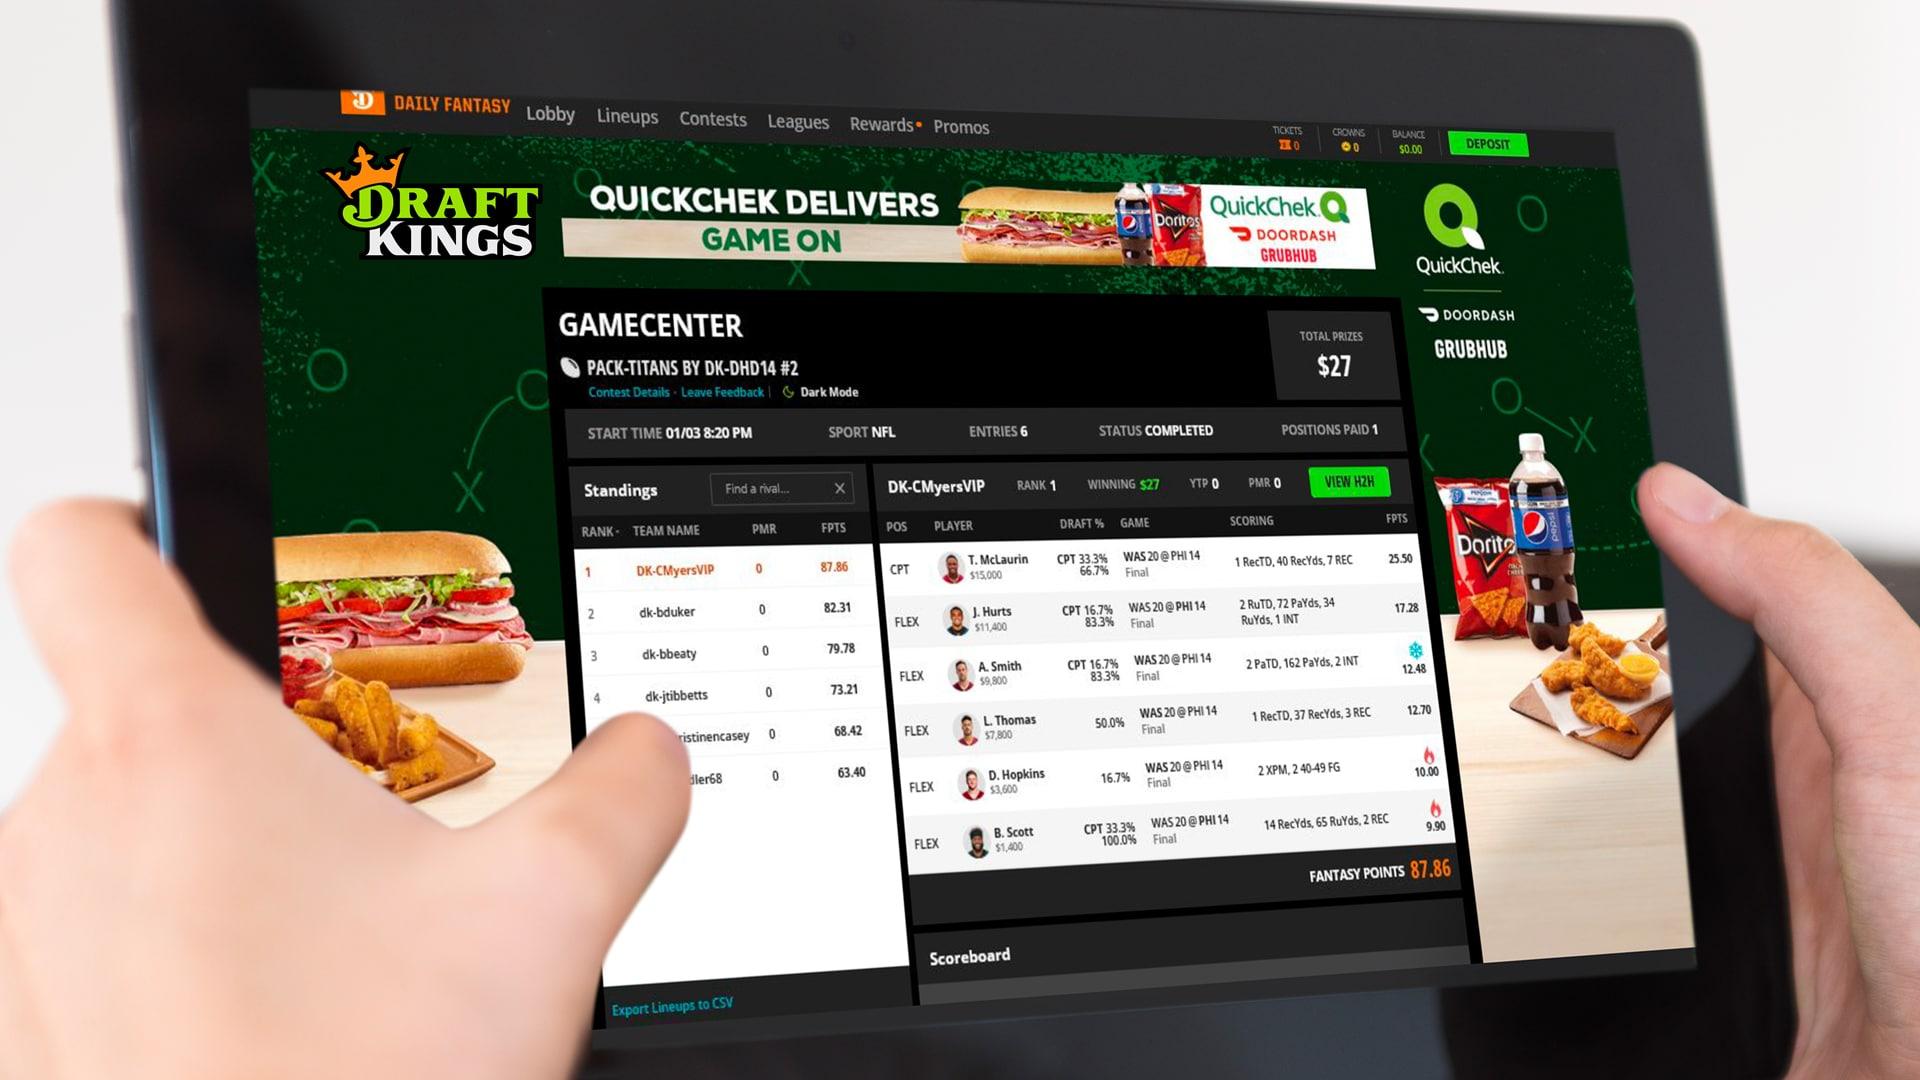 Digital Advertising on Draft Kings